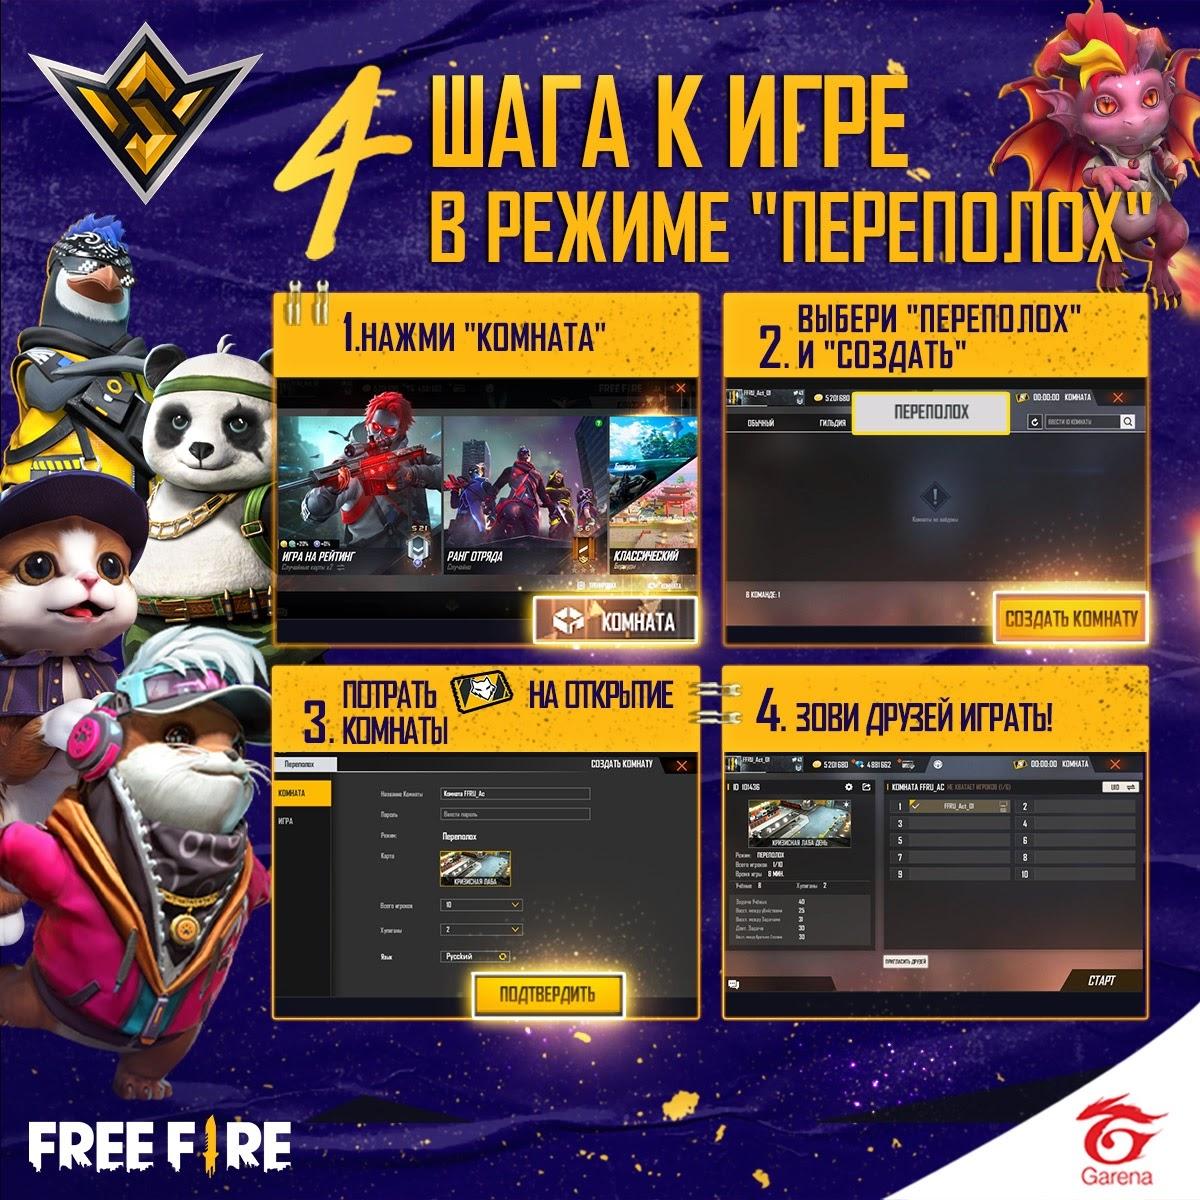 Free Fire обзавелась новым игровым режимом в стиле Among Us